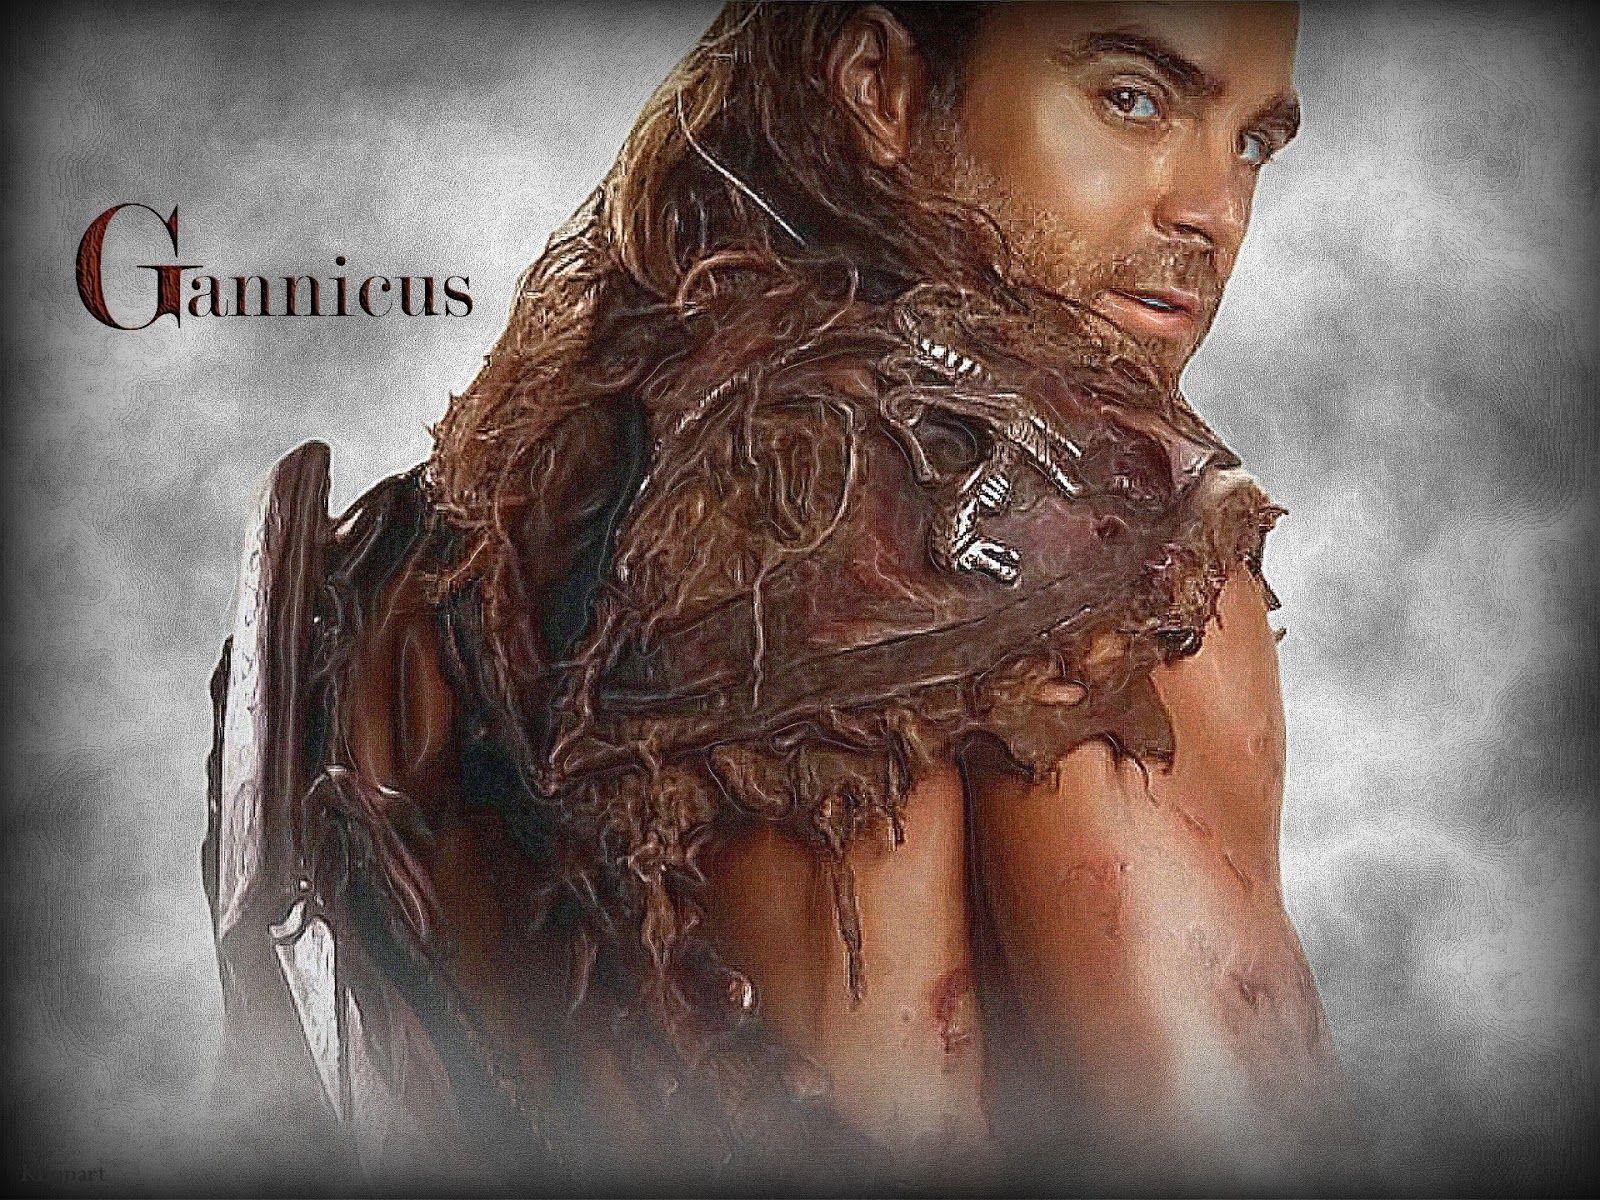 Laurence olivier spartacus quotes - Gannicus Spartacus